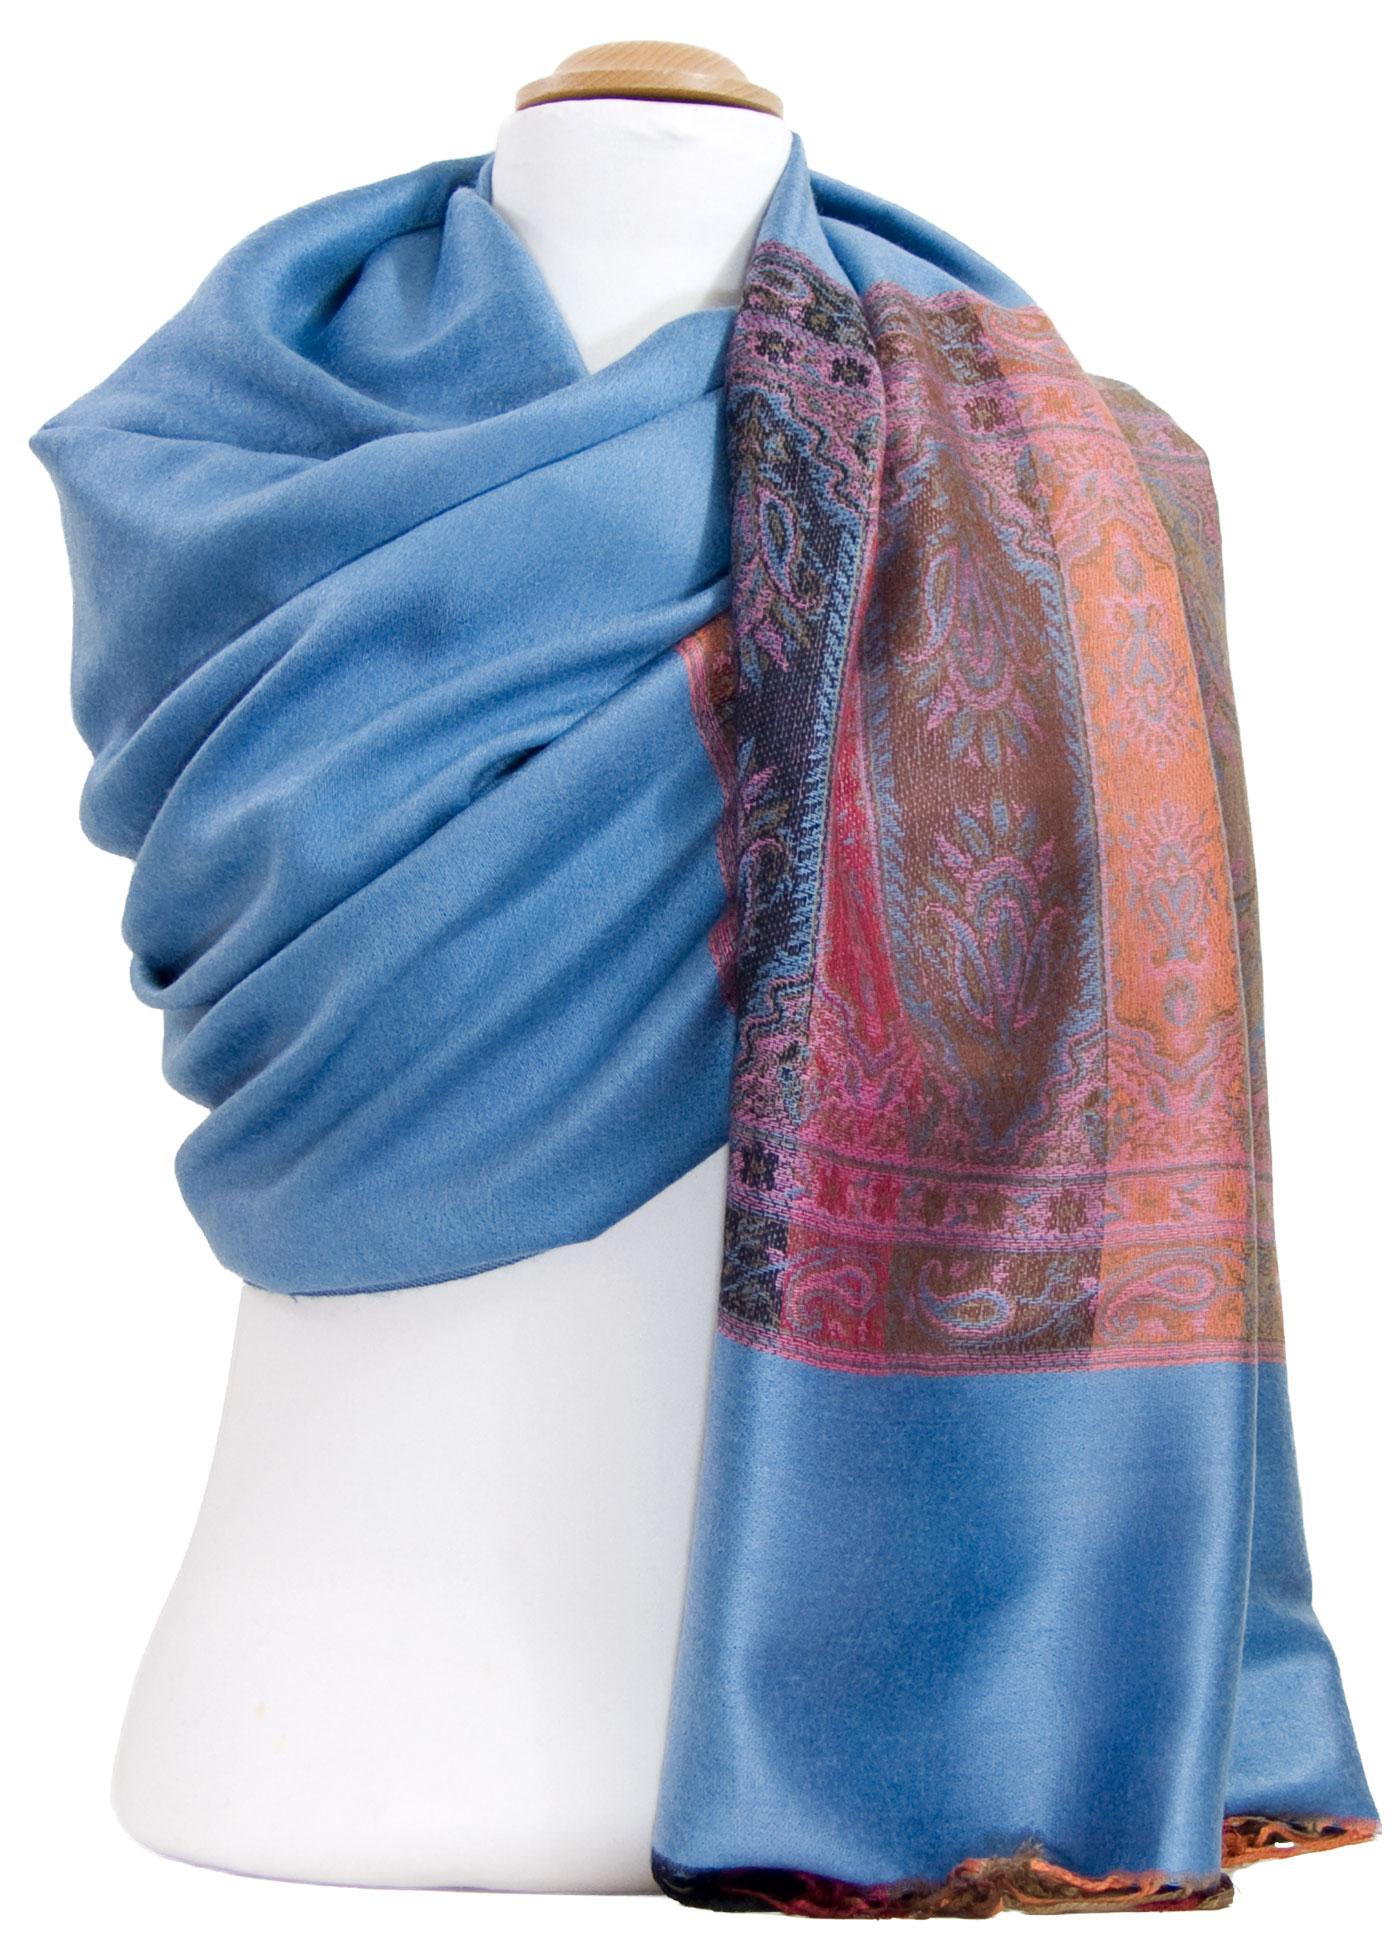 Etole pashmina bleu gris tissage multicolore